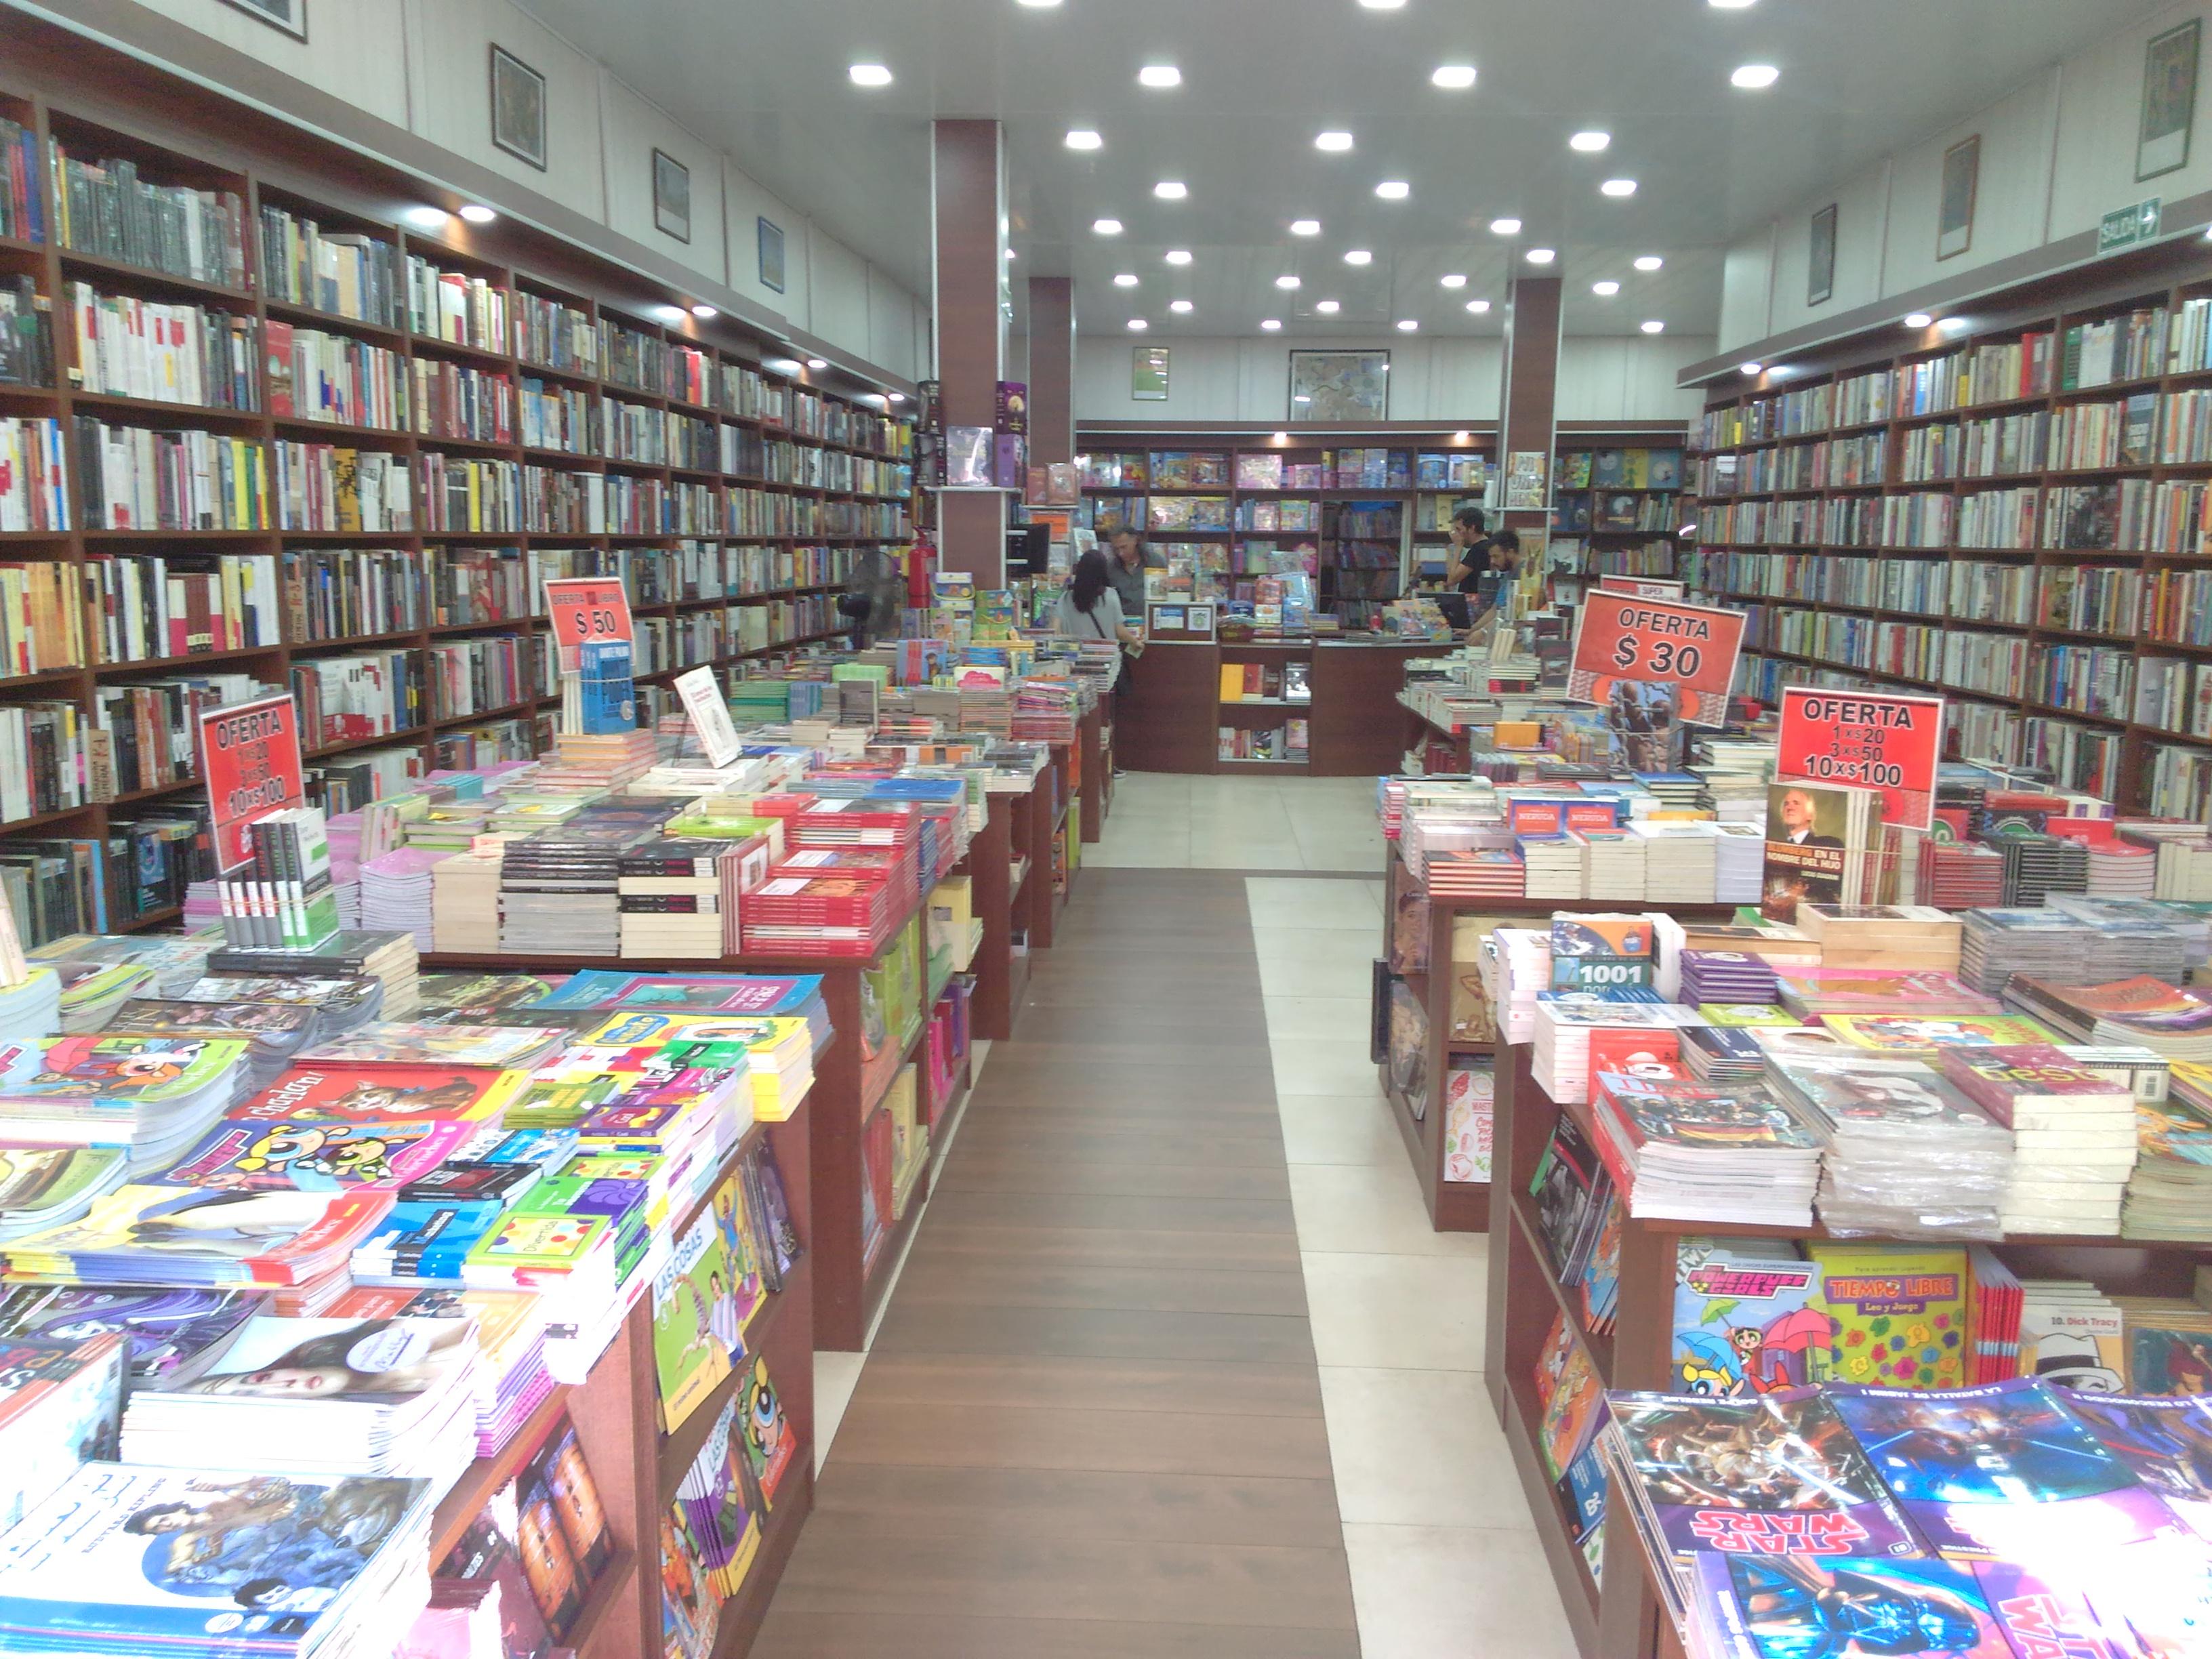 El Aleph 4 - Feria del Libro de El Aleph Sucursal Avellaneda